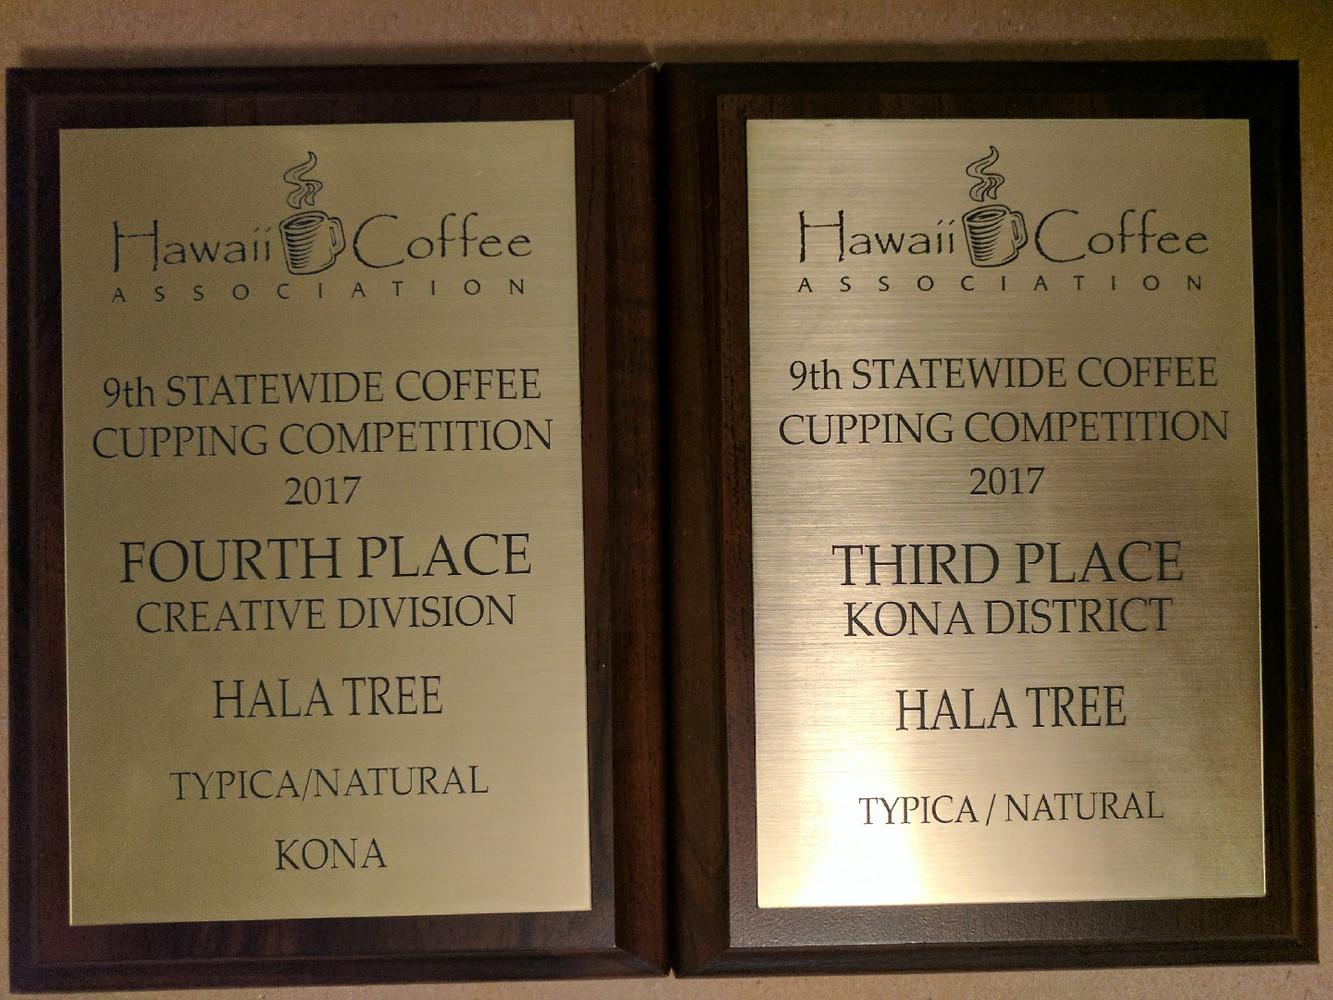 Award winning coffee - Certified Organic 100% Kona